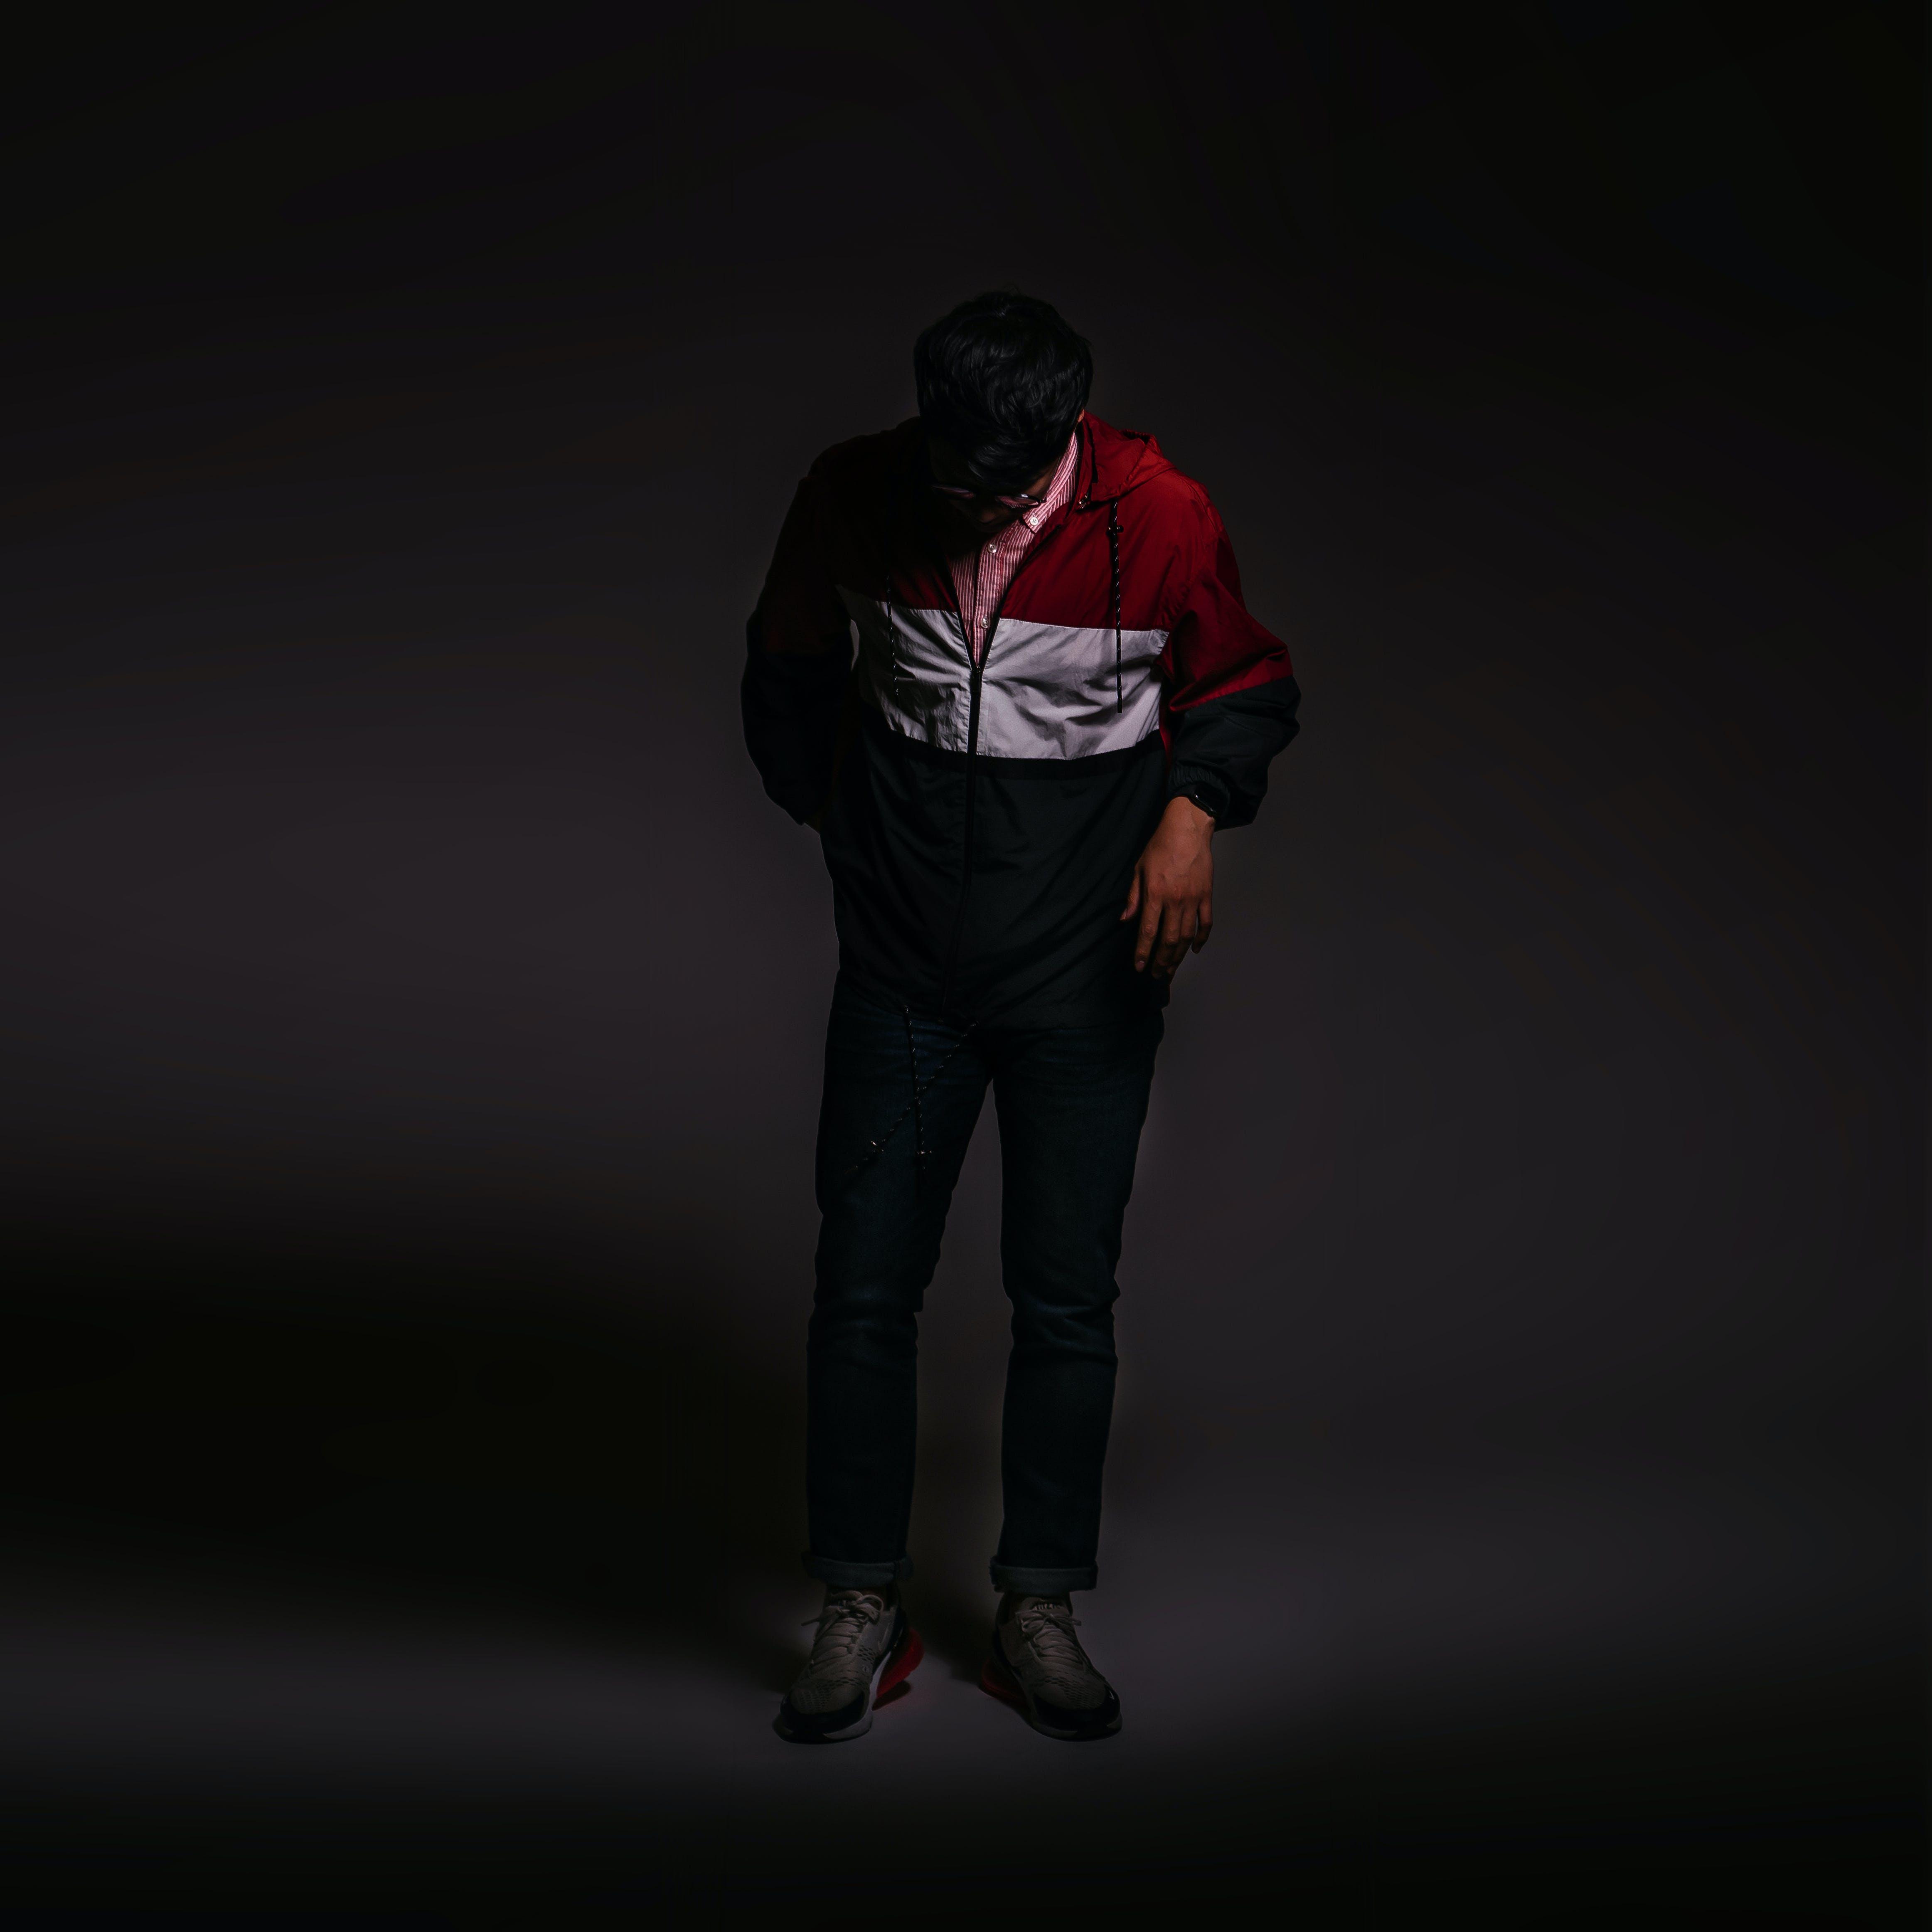 남자, 모델, 사람, 입다의 무료 스톡 사진